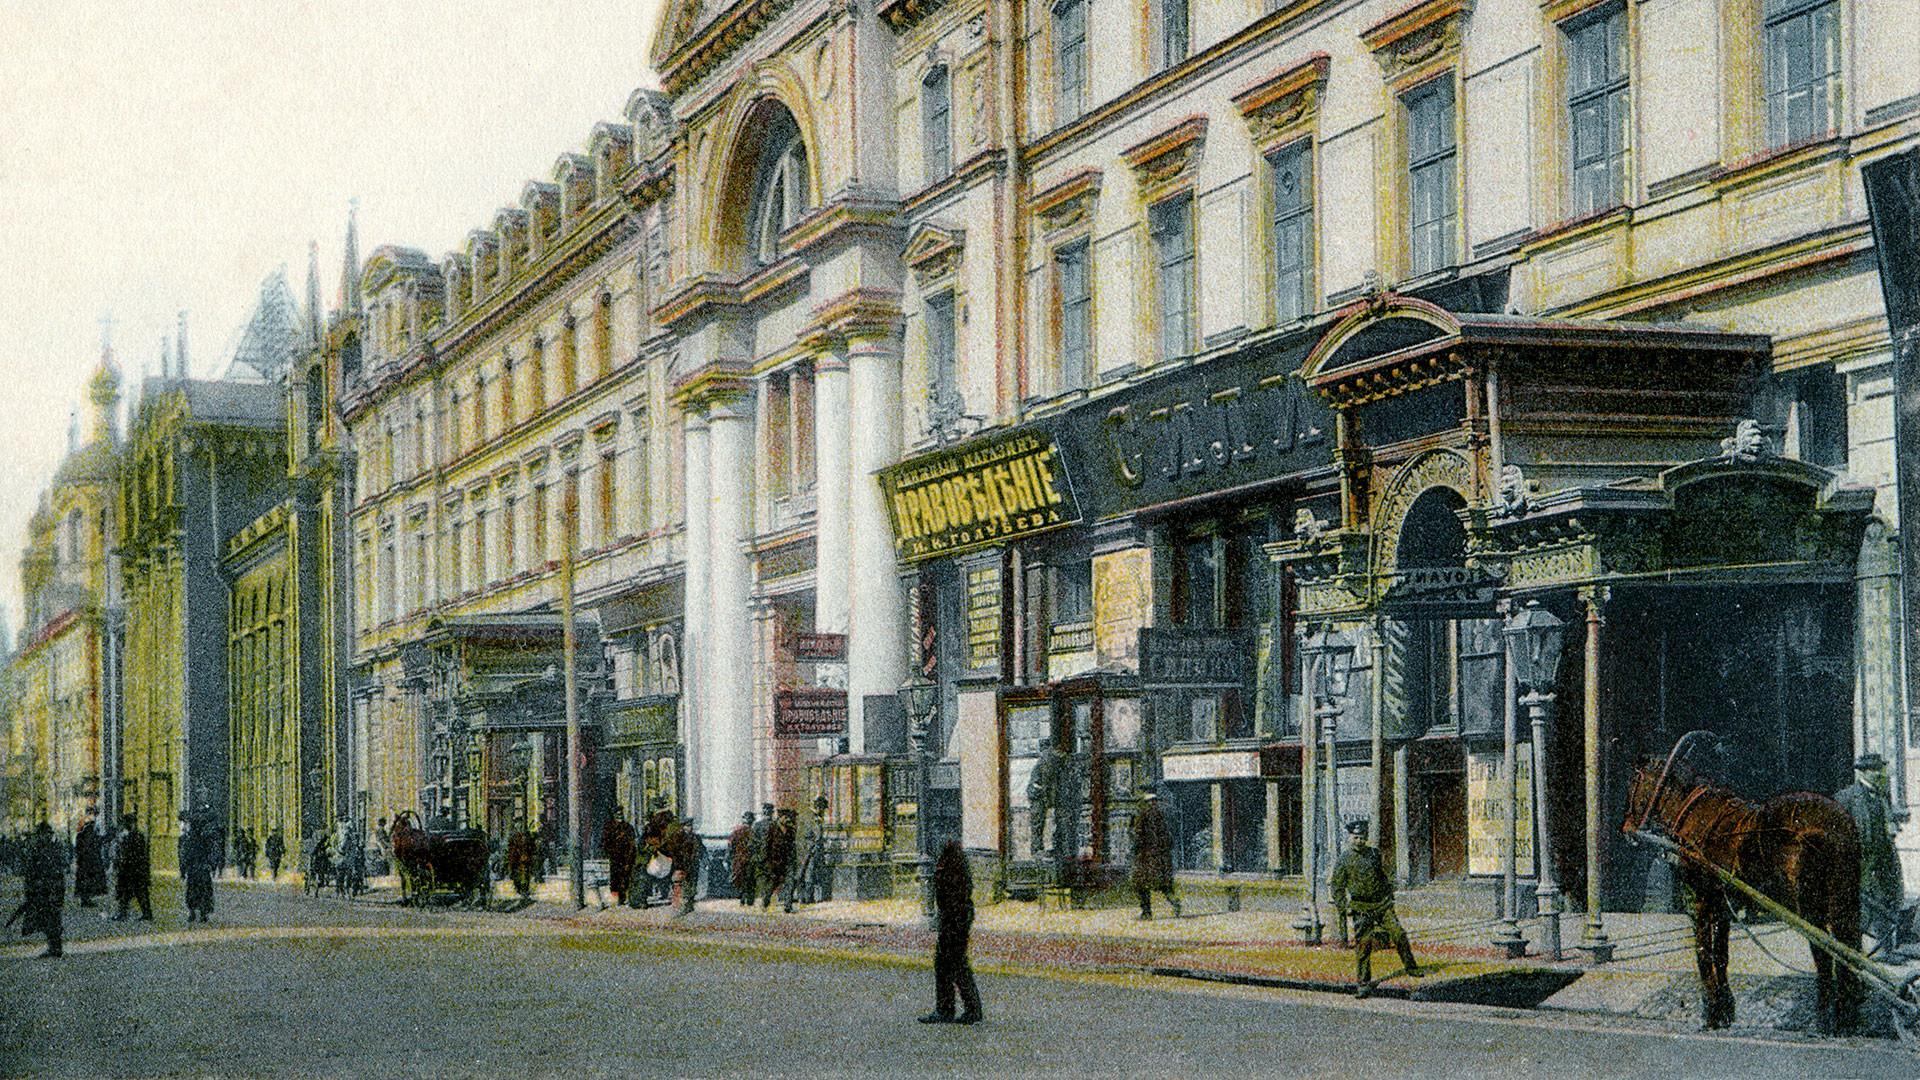 Nikolskaya Street in Moscow. Slavyansky Bazar Hotel. A pre-revolutionary postcard.